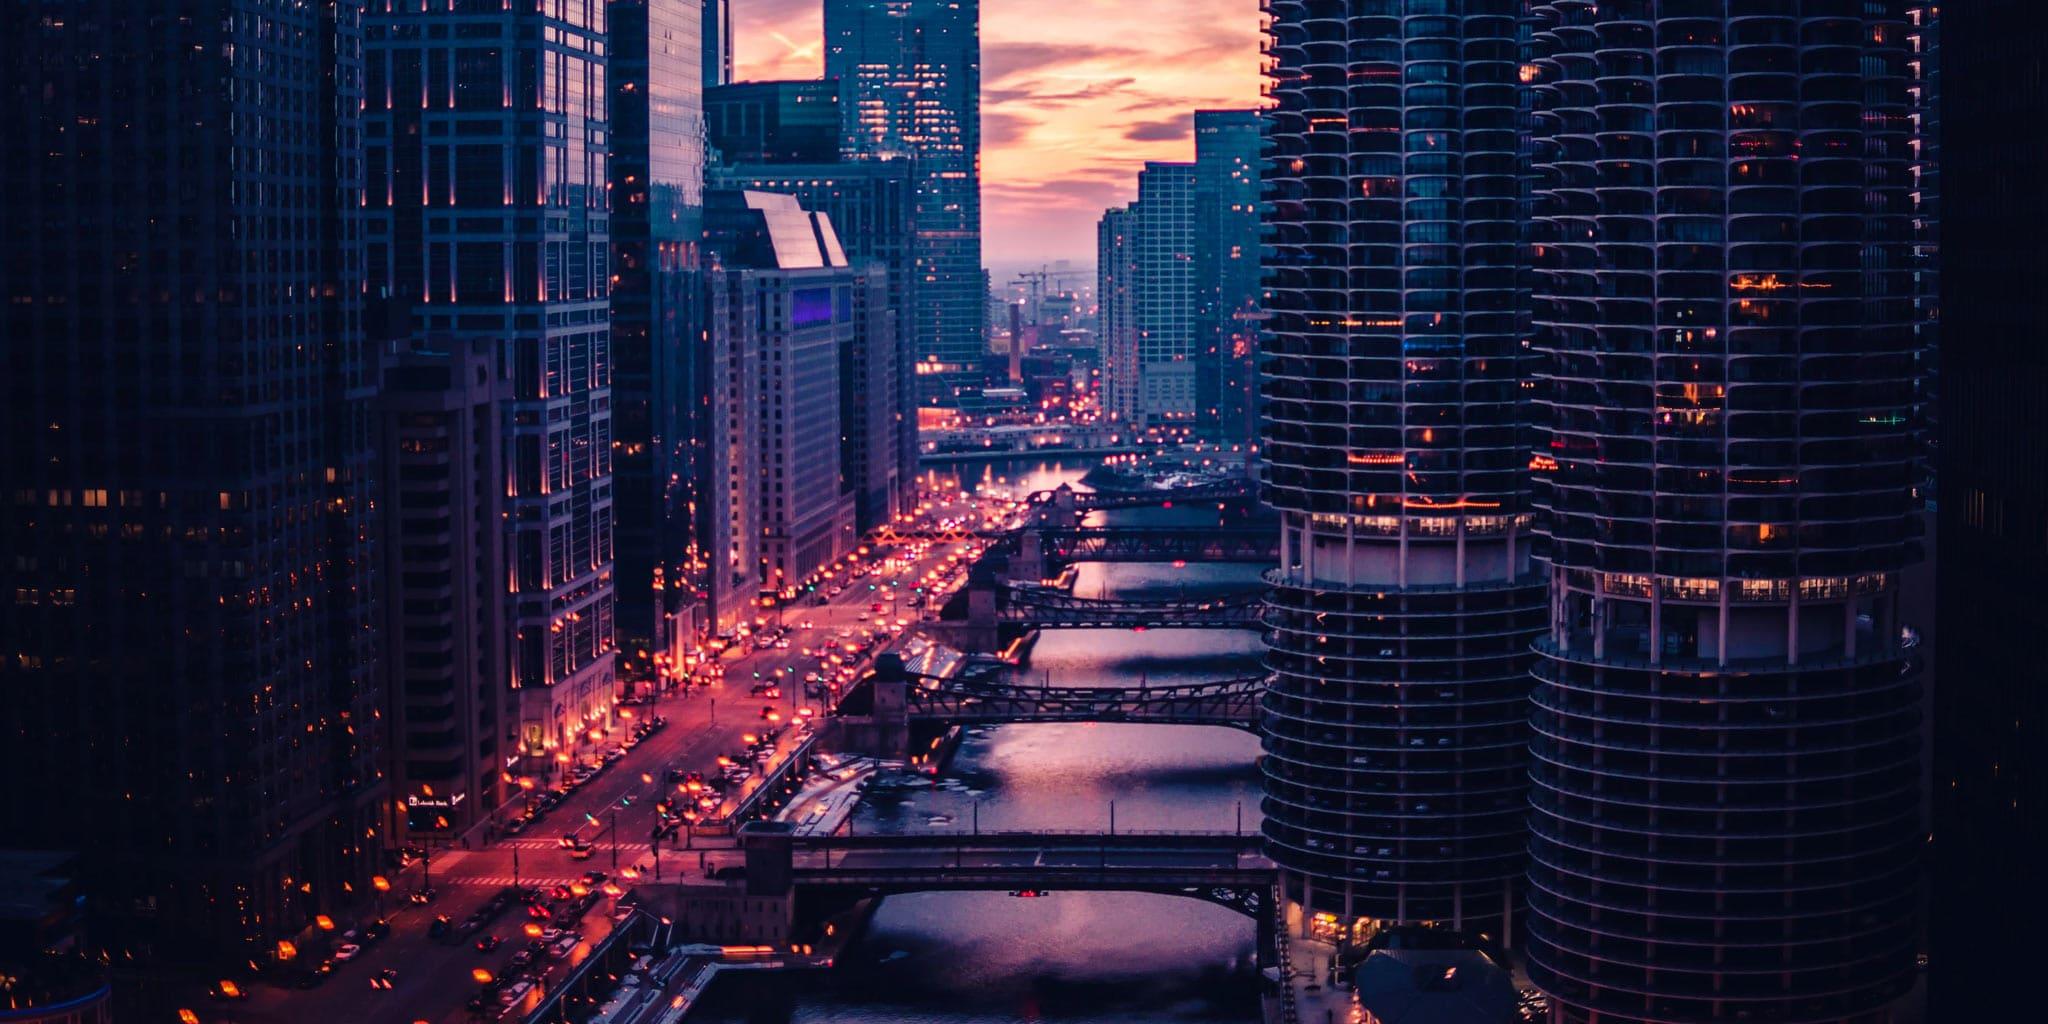 Drukke stad